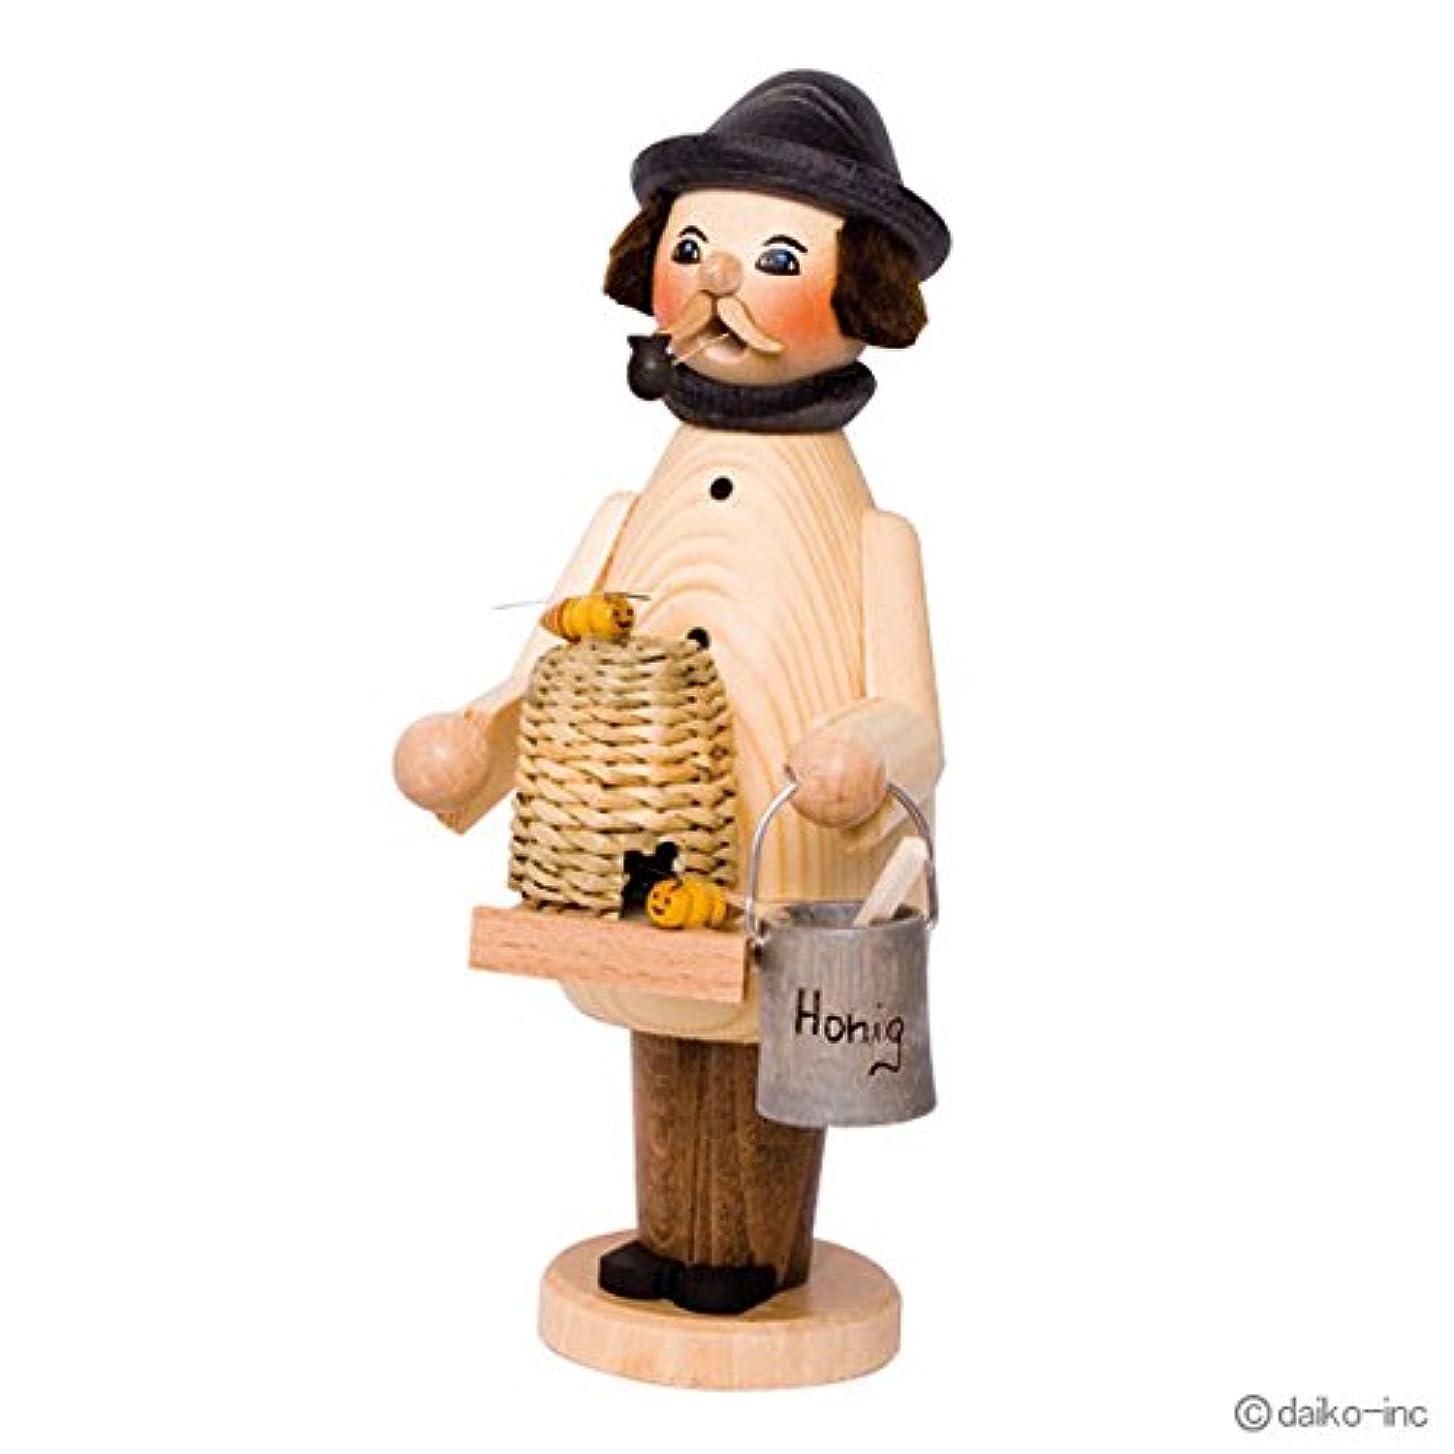 試用家主円周kuhnert ミニパイプ人形香炉 養蜂家